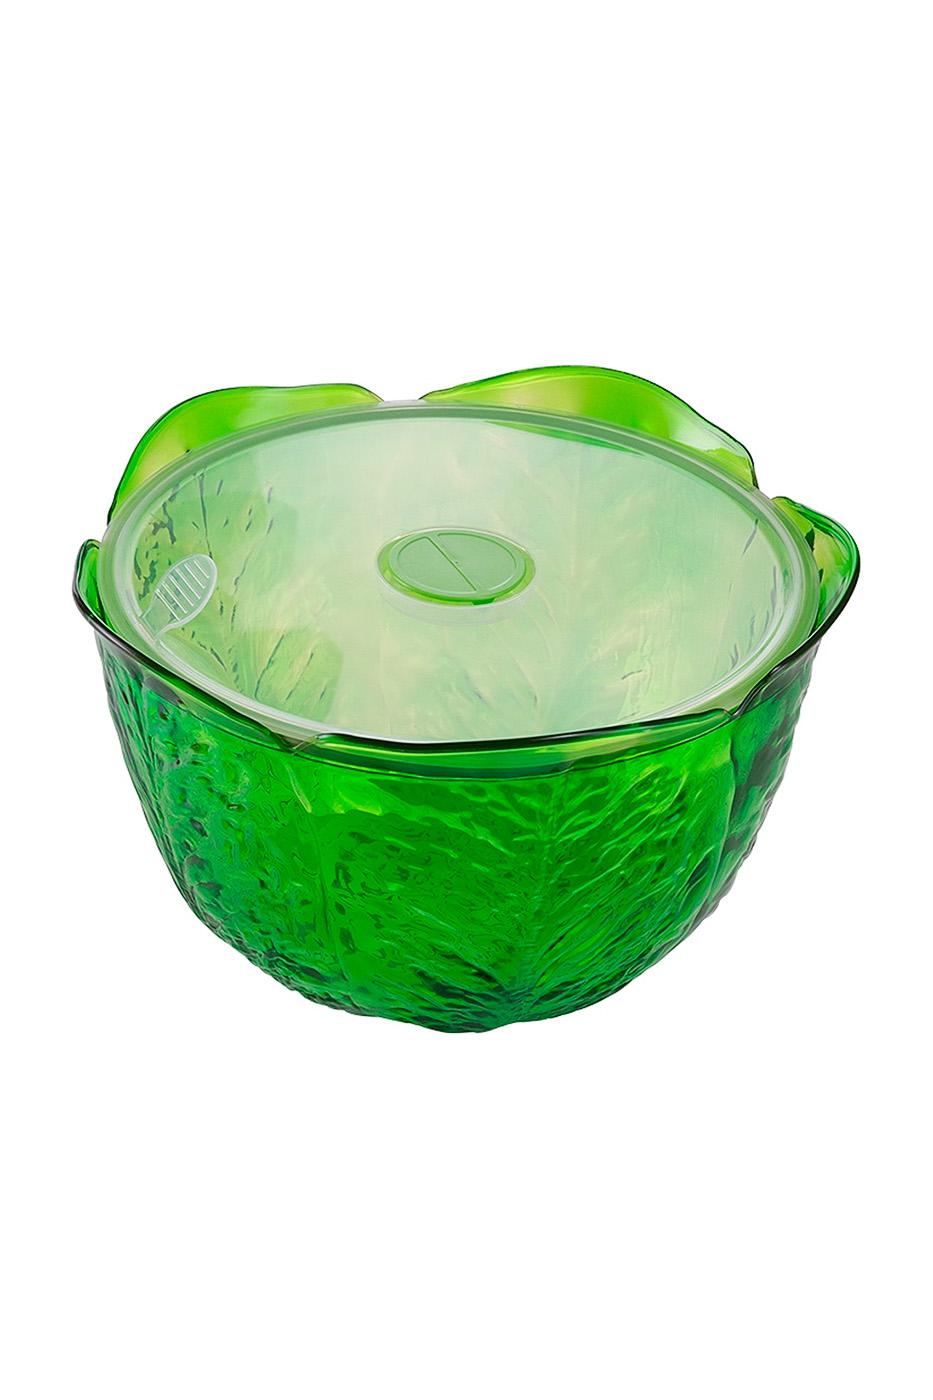 Контейнер для хранения зелени, зеленый, 4 л